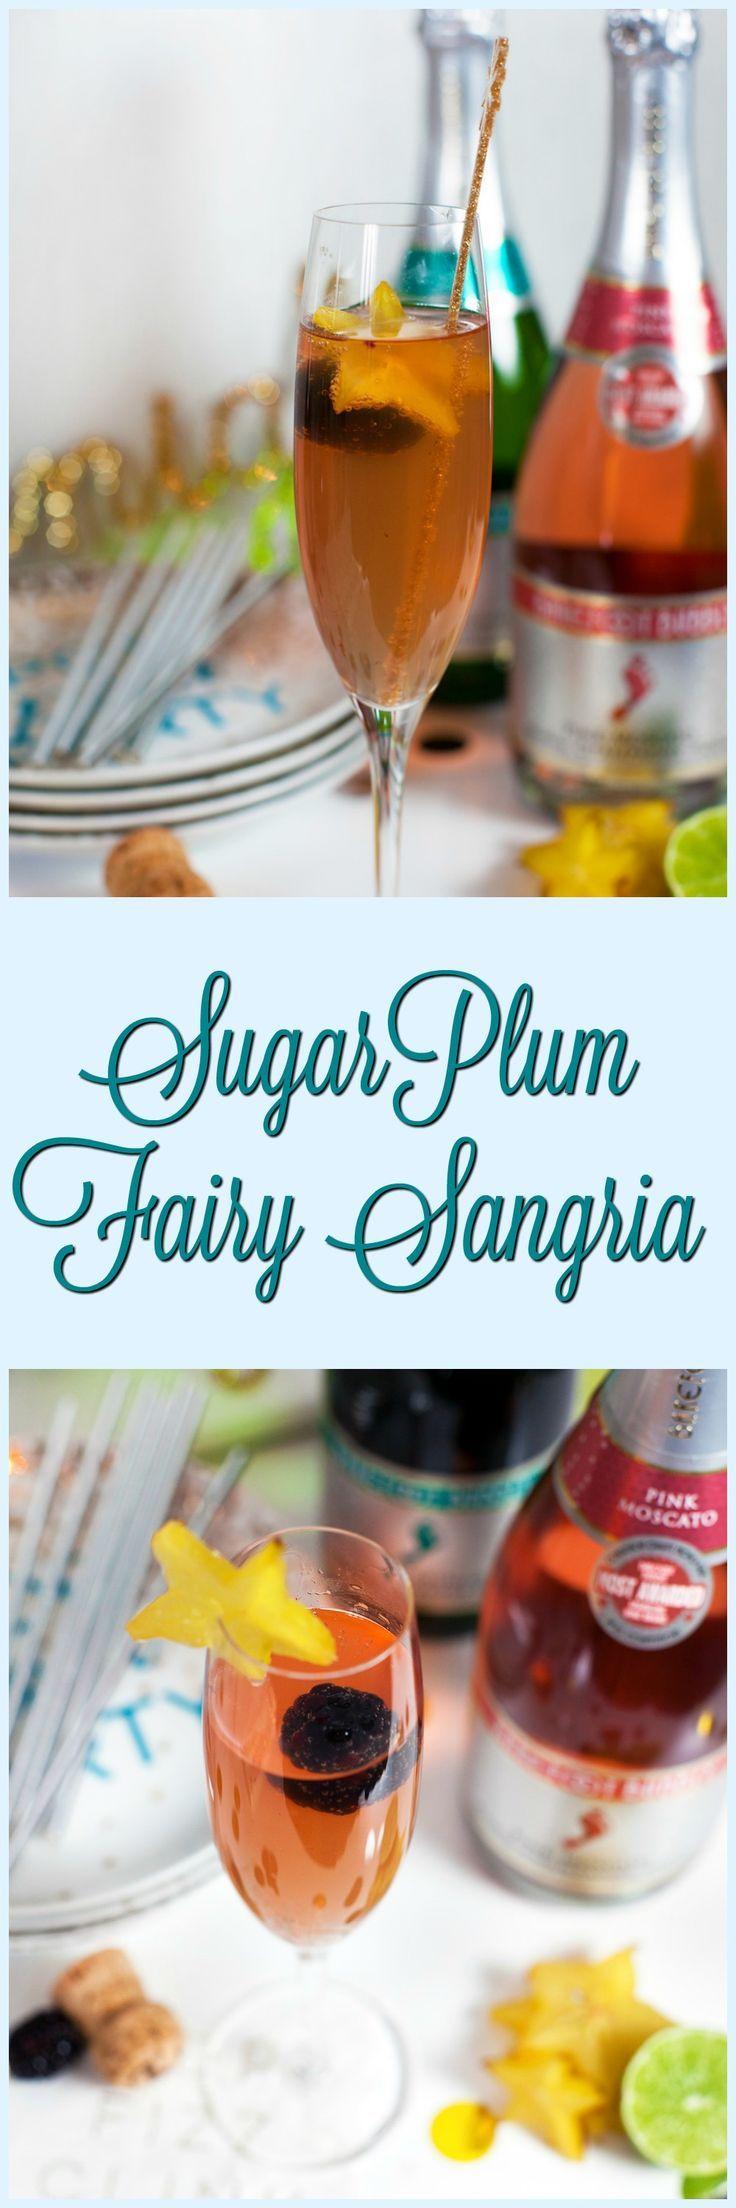 Sugarplum Fairy Sangria